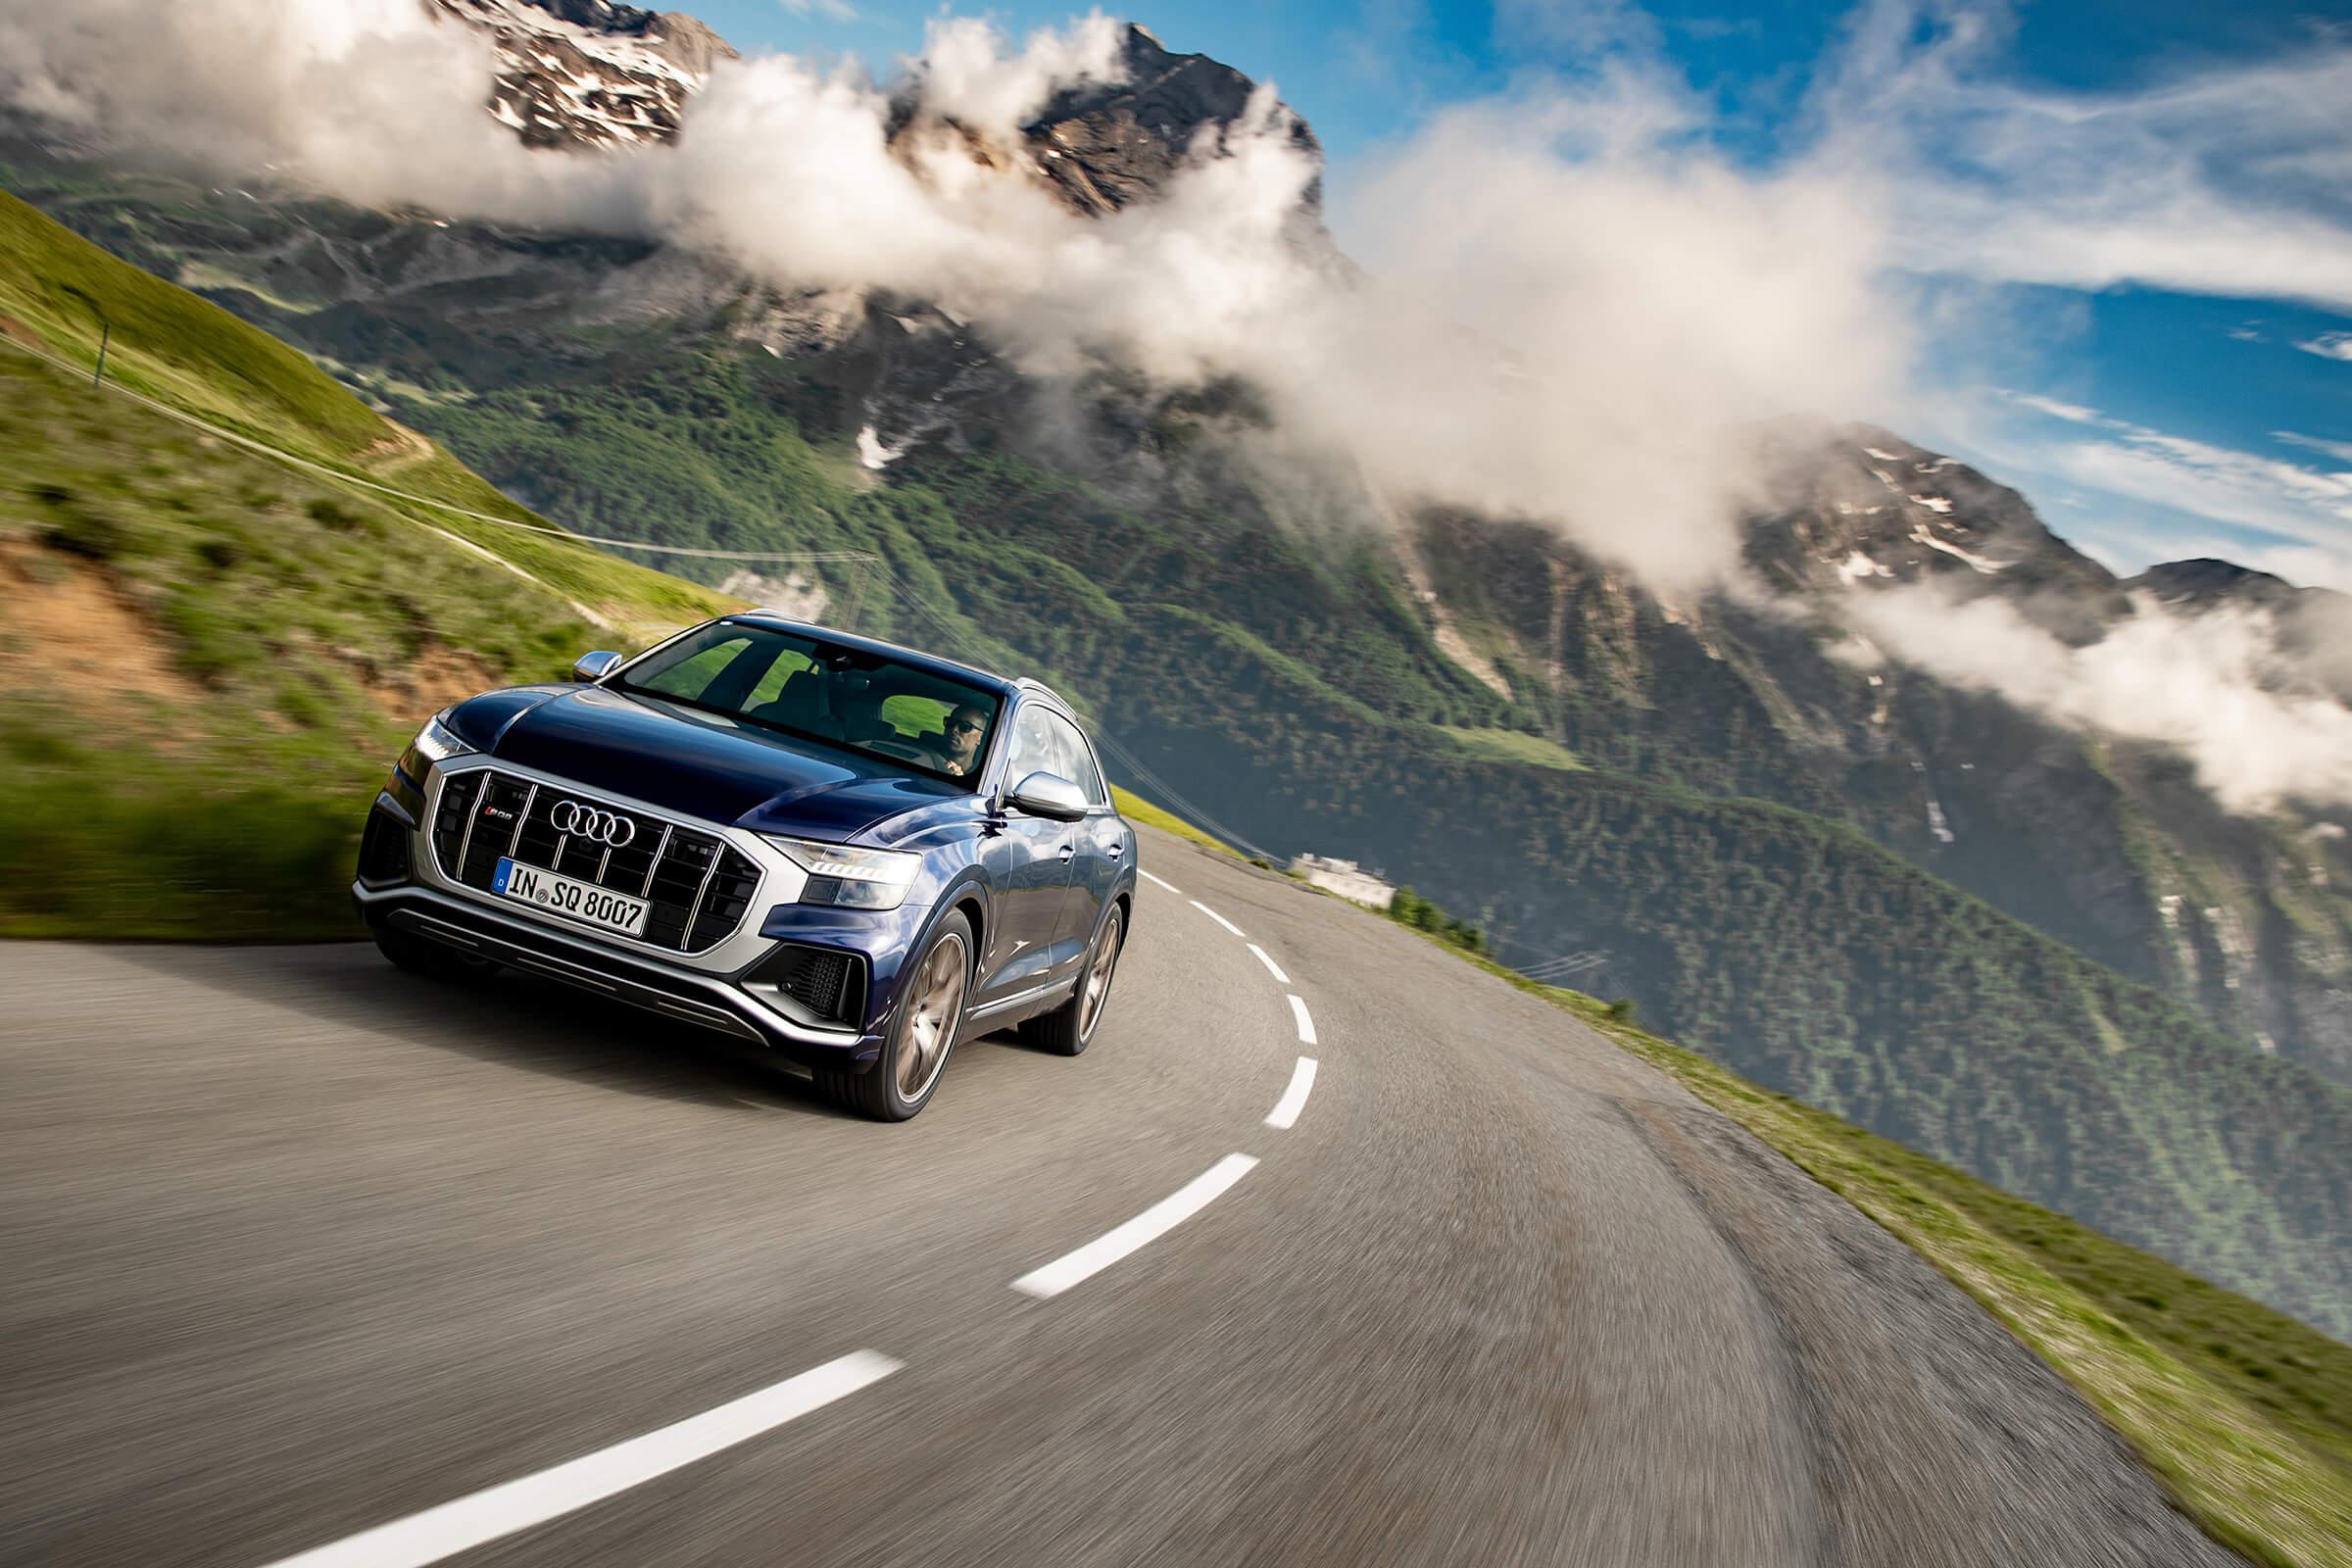 Audi SQ8 - Σε κίνηση, εμπρός όψη